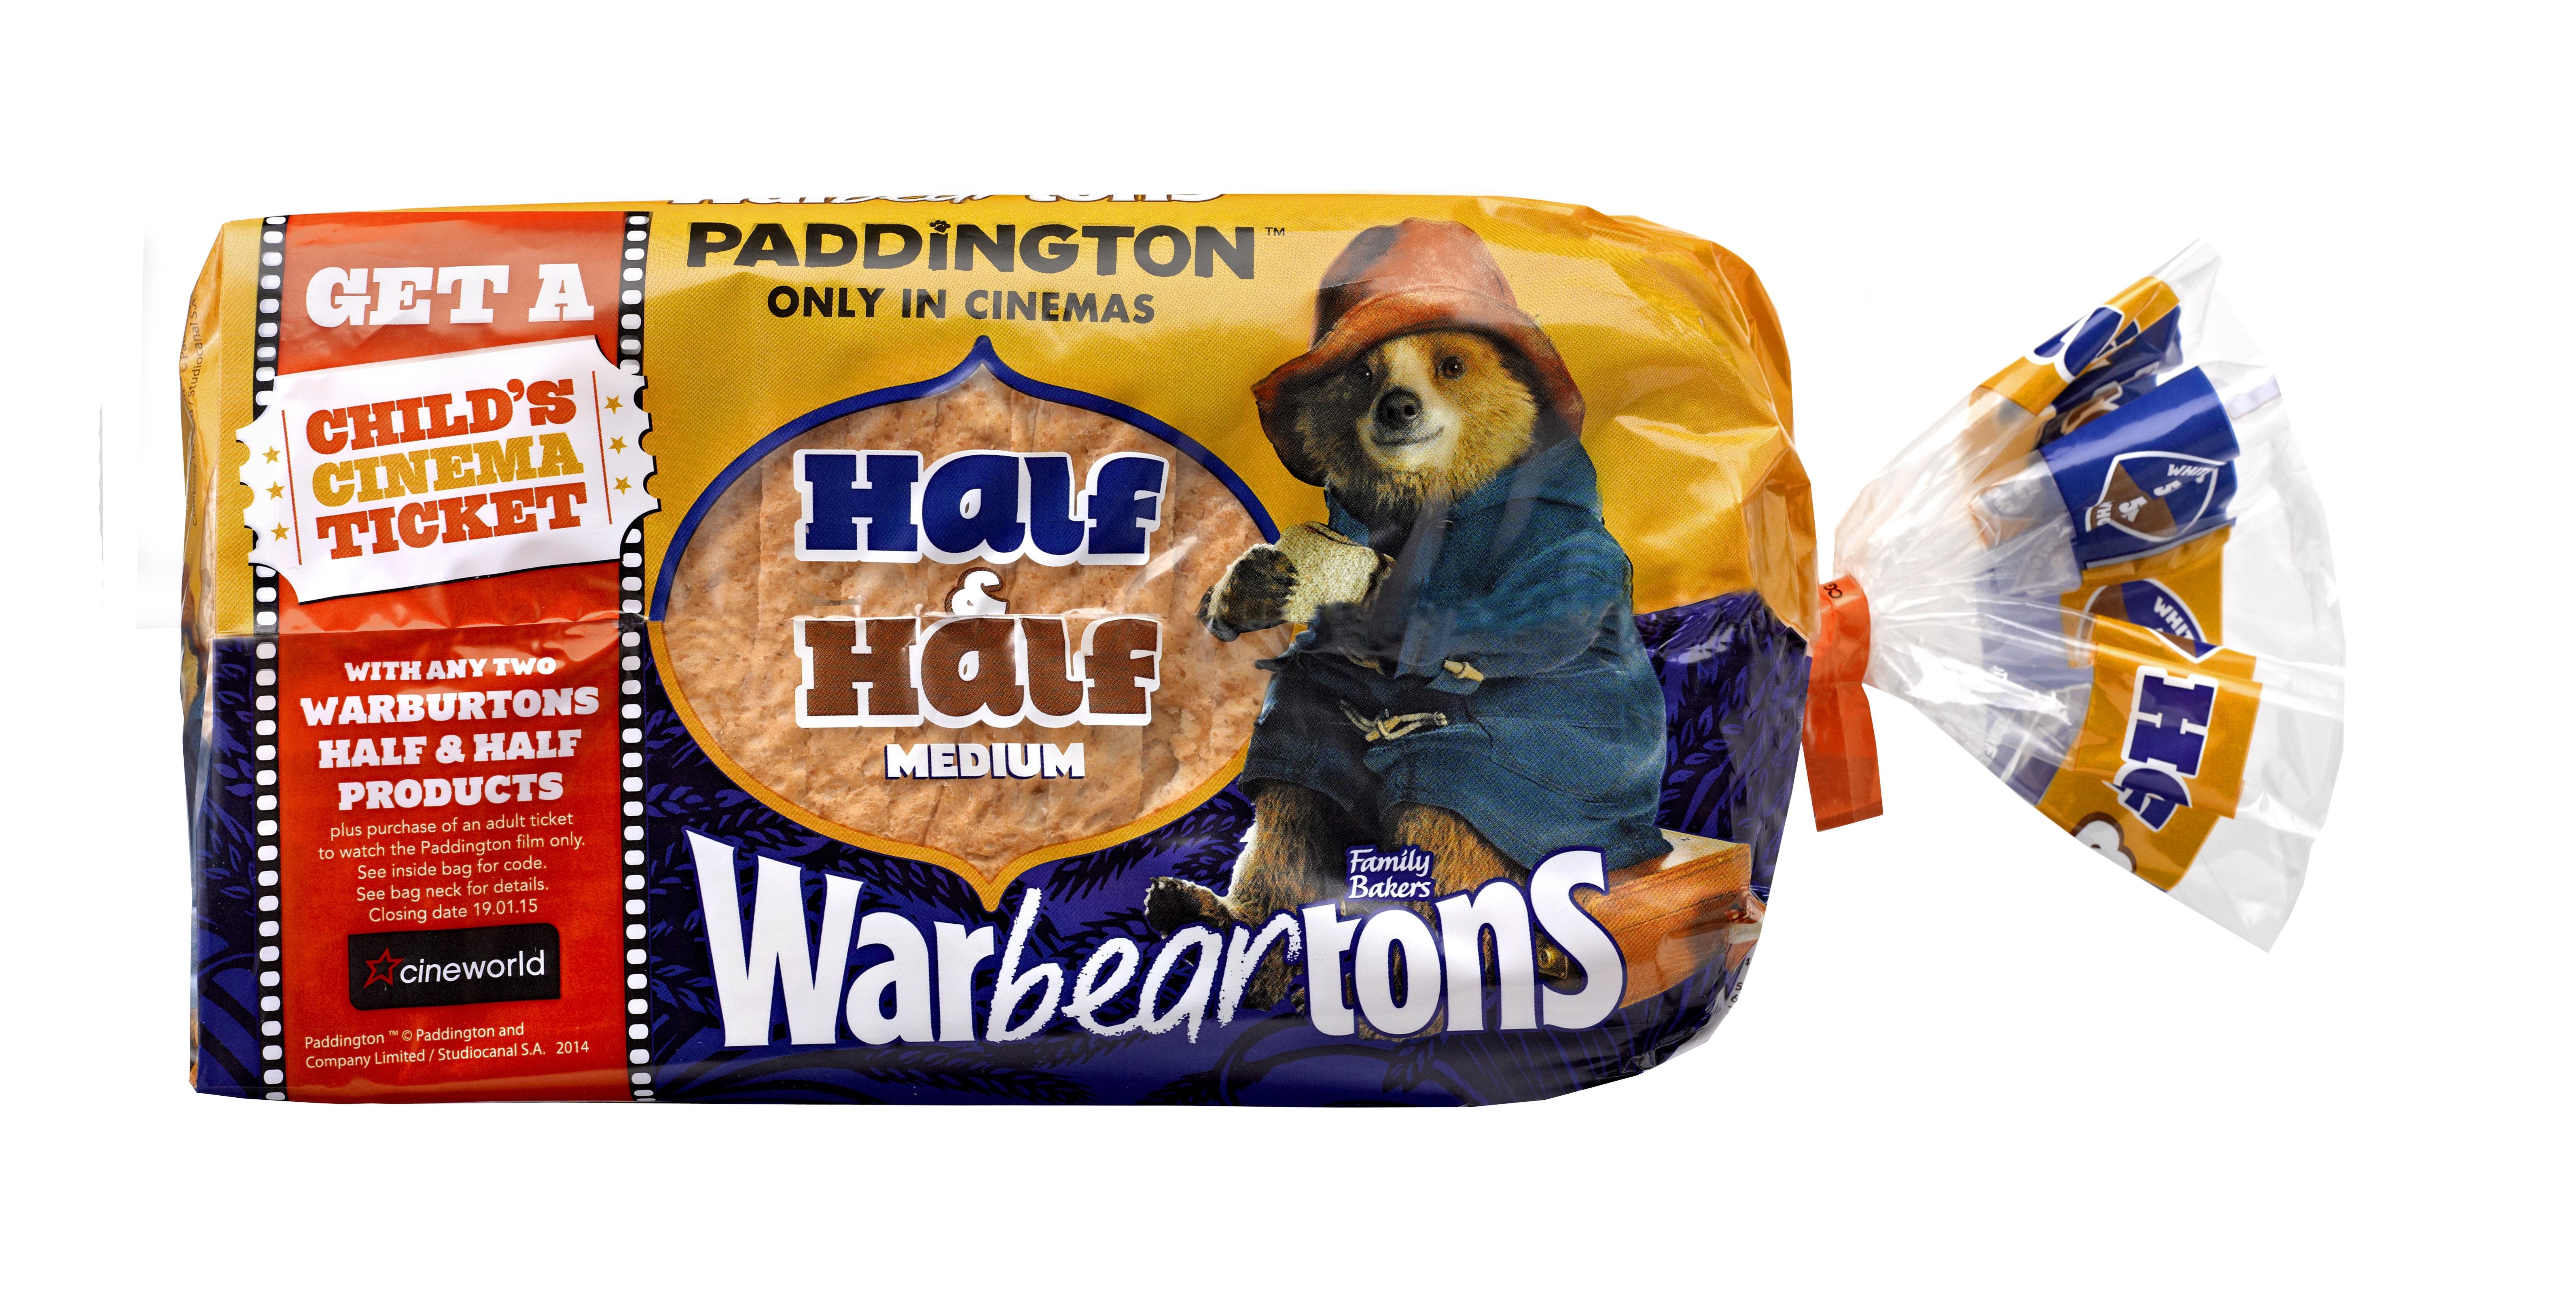 Paddington sweepstakes